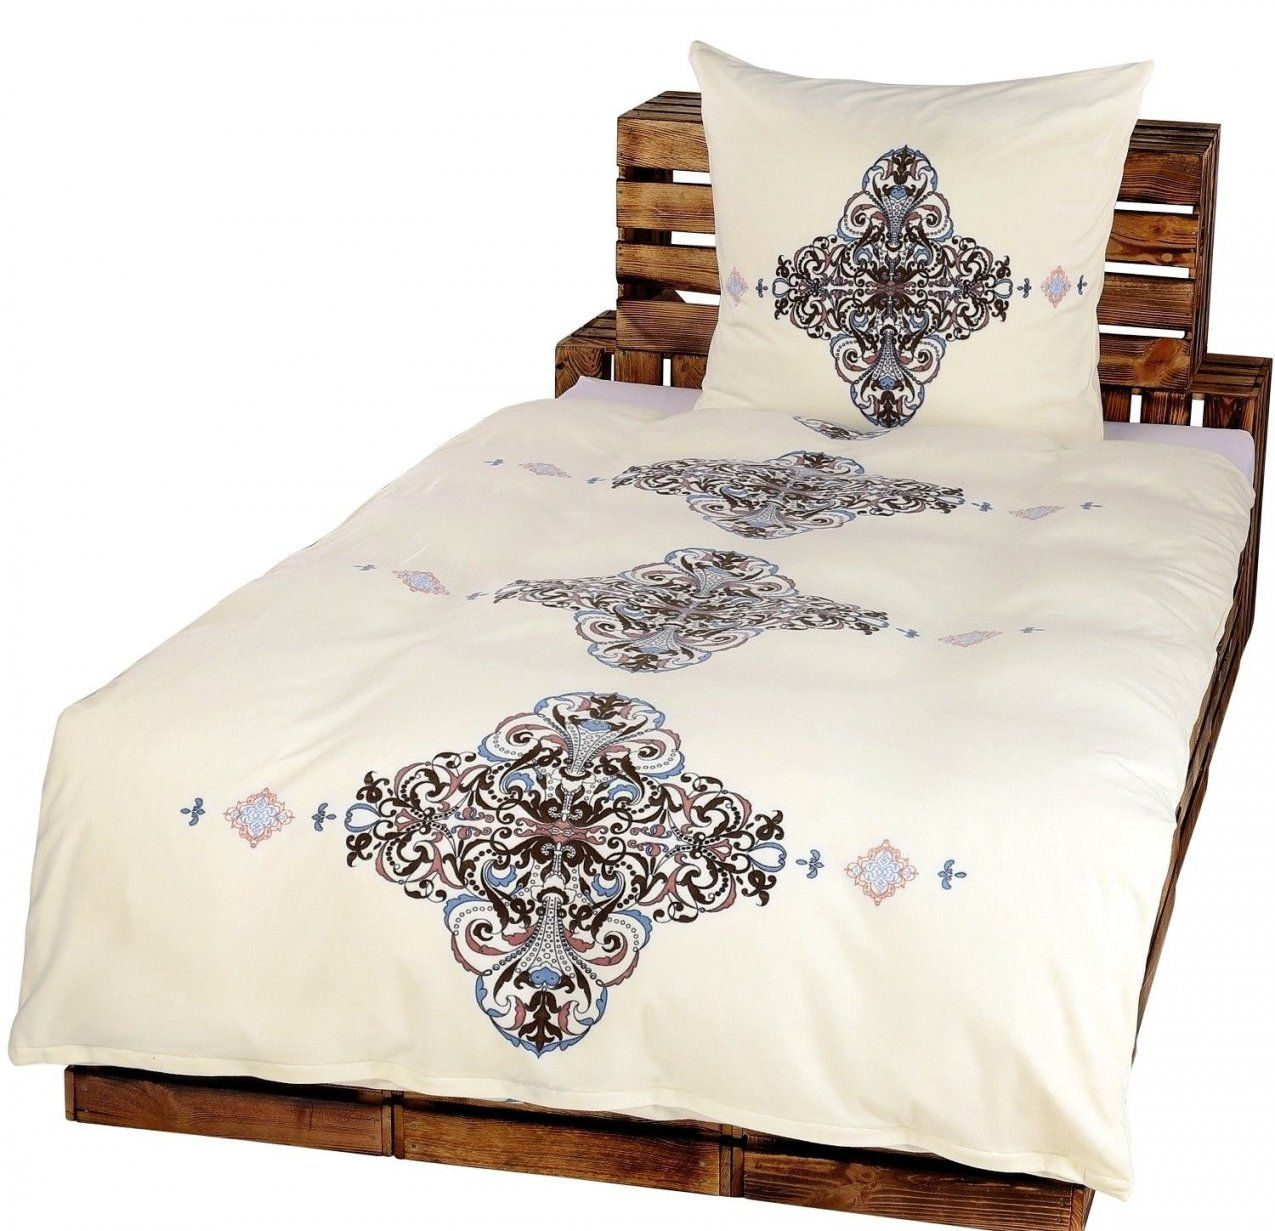 Wäsche Mehr Als 10000 Angebote Fotos Preise ✓  Seite 298 von Microfaser Bettwäsche Gesundheitsschädlich Photo